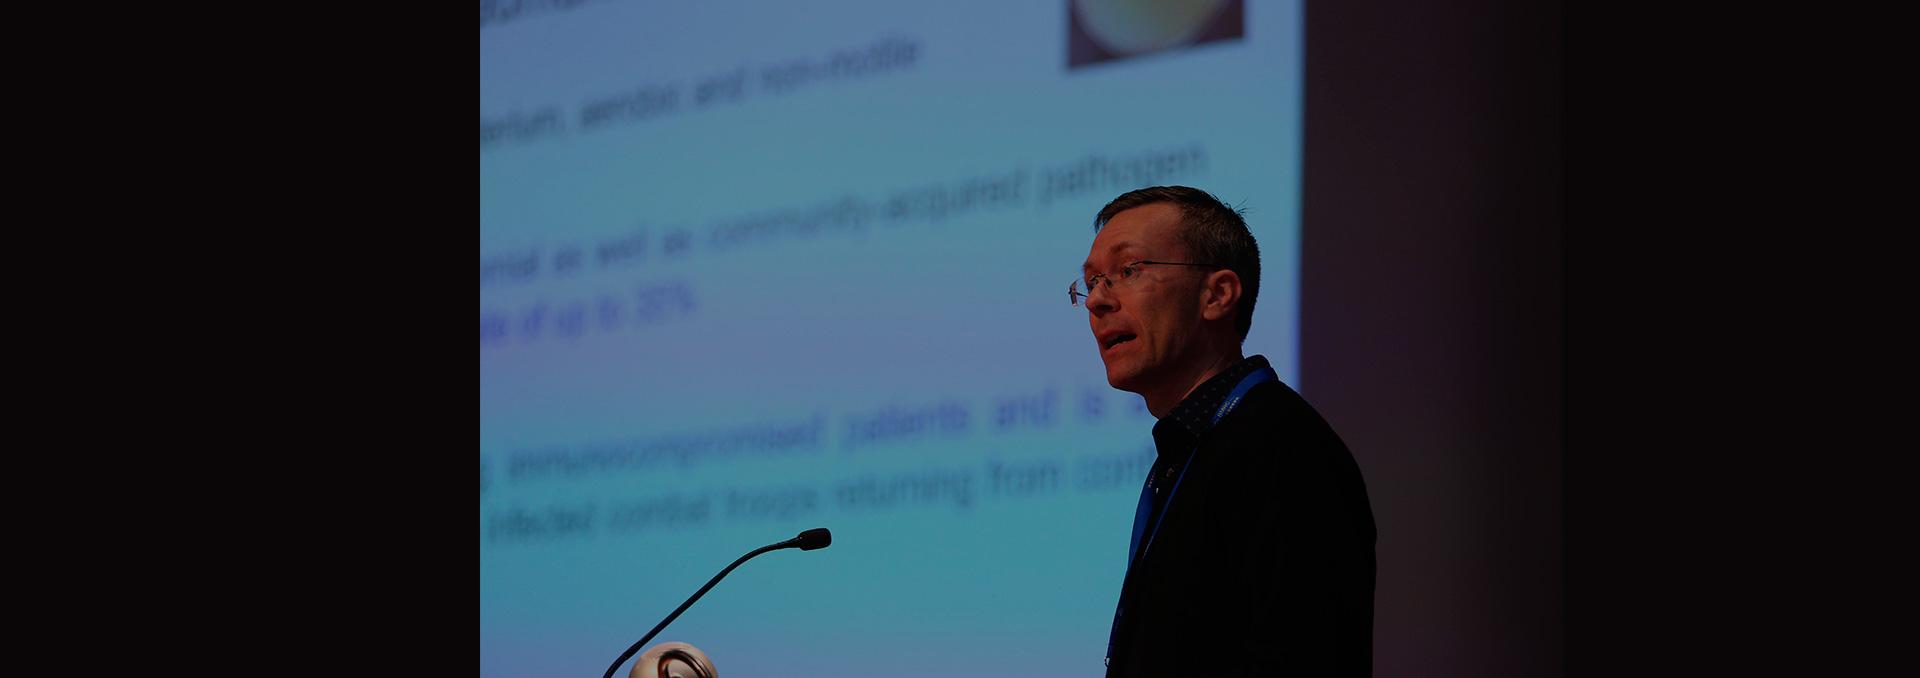 Científico australiano advierte en seminario de Consorcio BMRC sobre súper bacteria que amenaza a un tercio de la humanidad